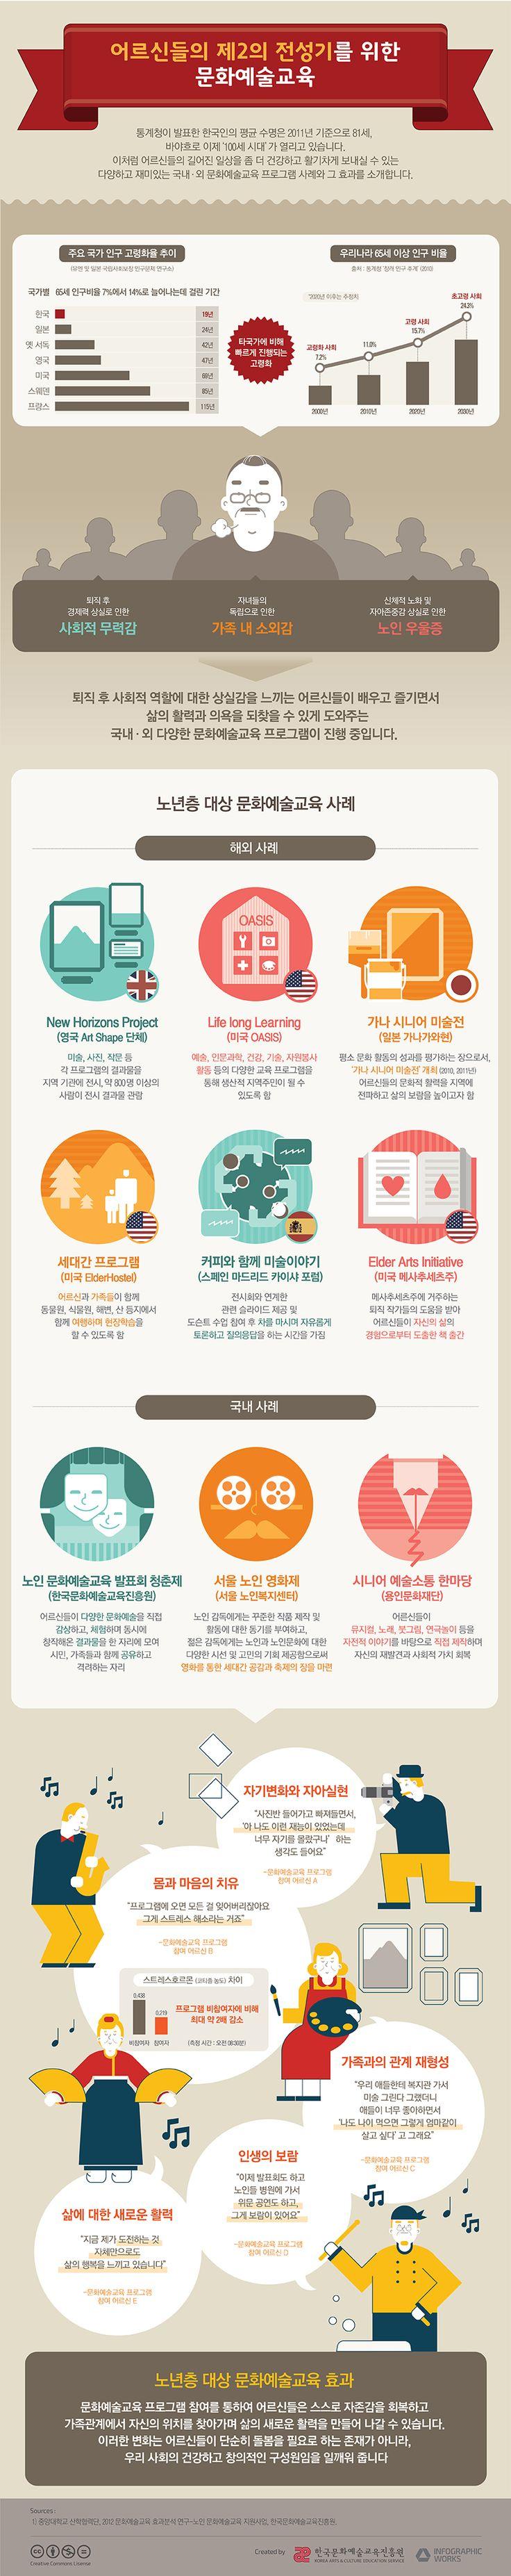 어르신들을 위한 문화예술교육 (출처: 한국문화예술교육진흥원)